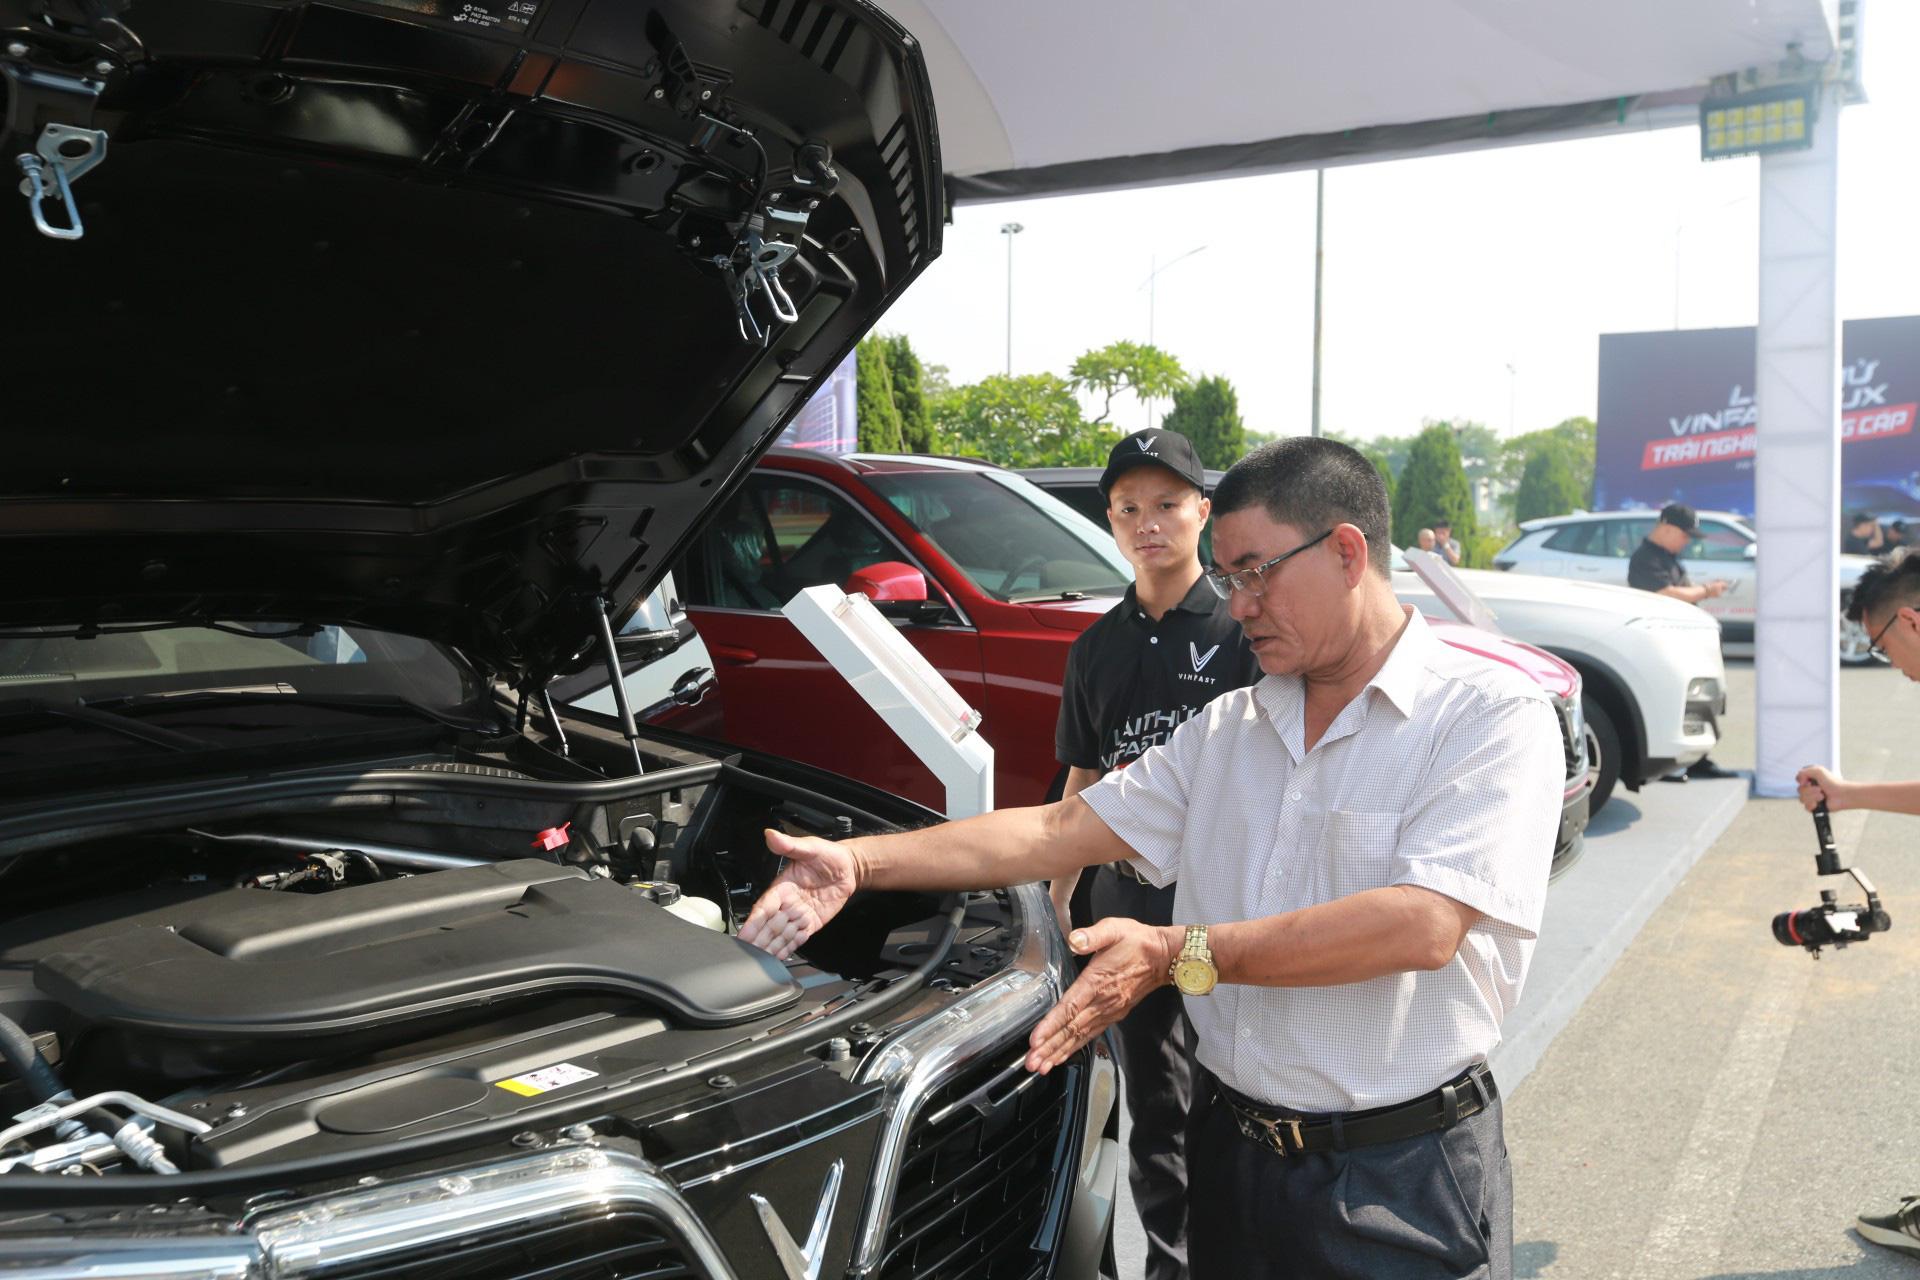 Doanh số bán xe sụt giảm vì Covid - 19, VAMA đề xuất giảm 50% thuế cho người mua ô tô - Ảnh 1.